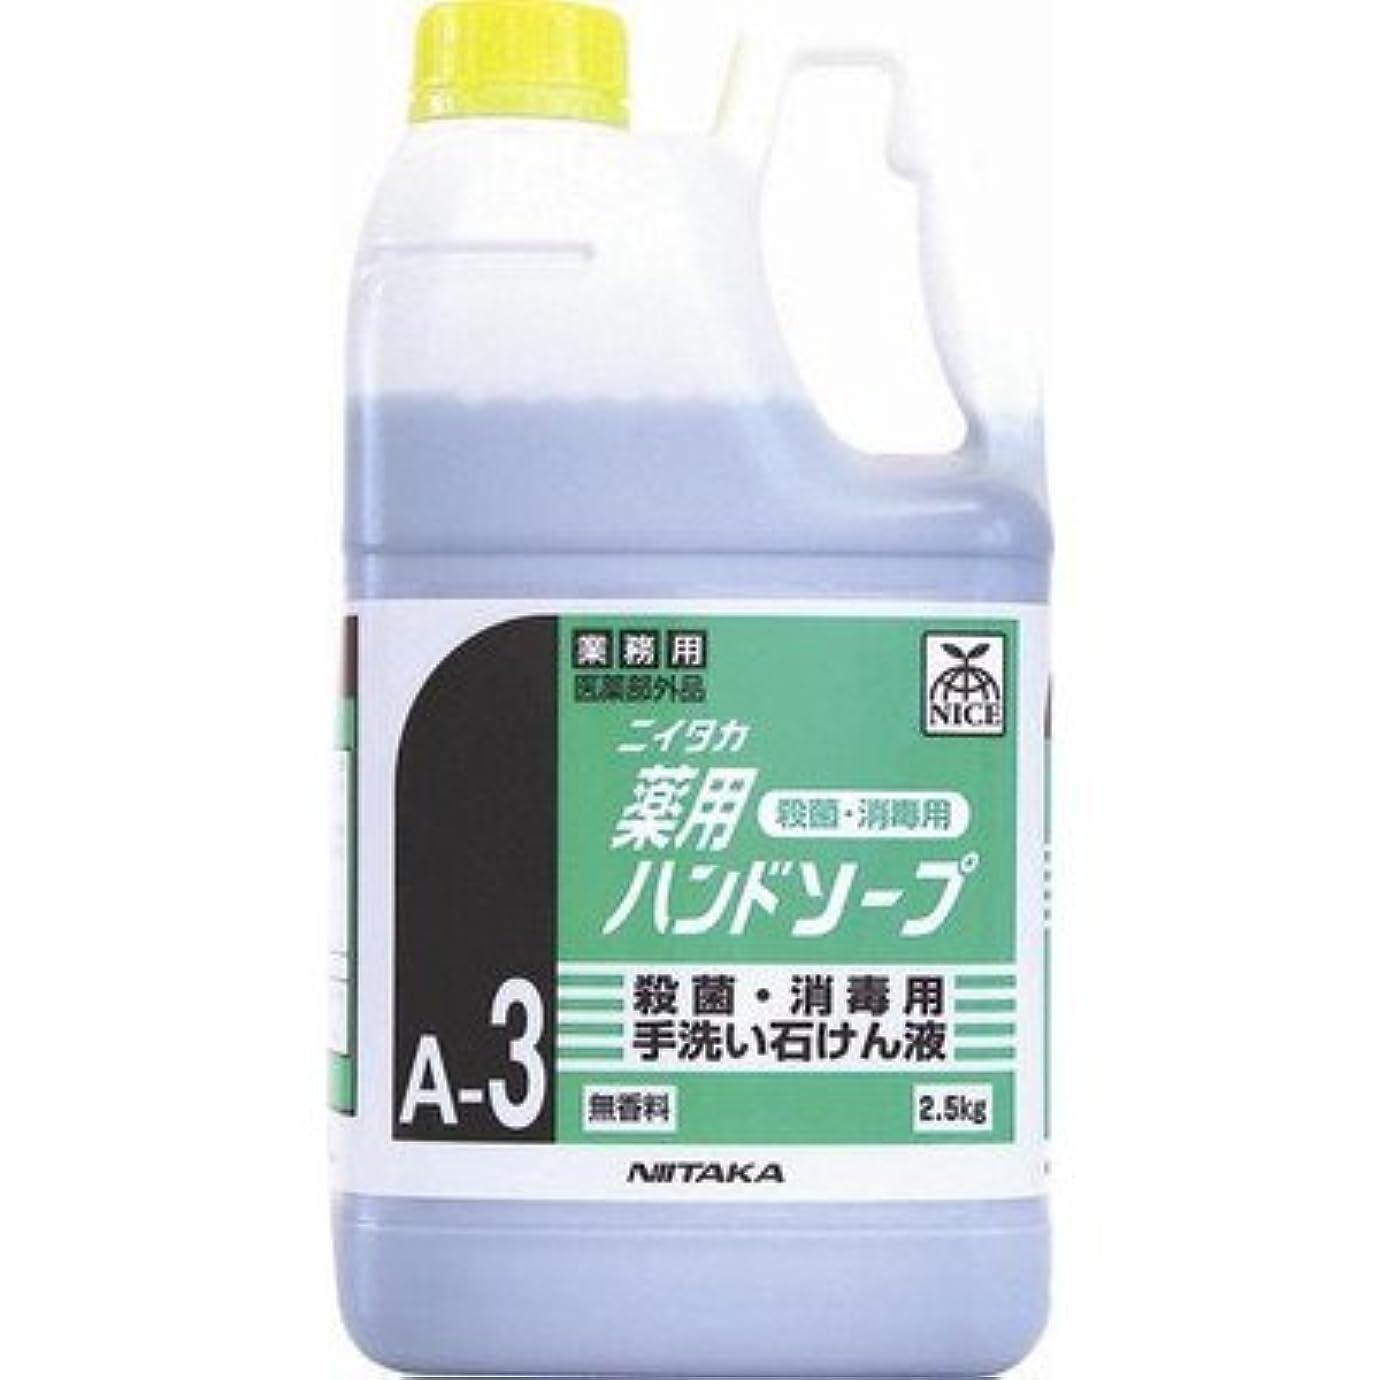 絶望的な操る綺麗なニイタカ 業務用手洗い石けん液 薬用ハンドソープ(A-3) 2.5kg×6本